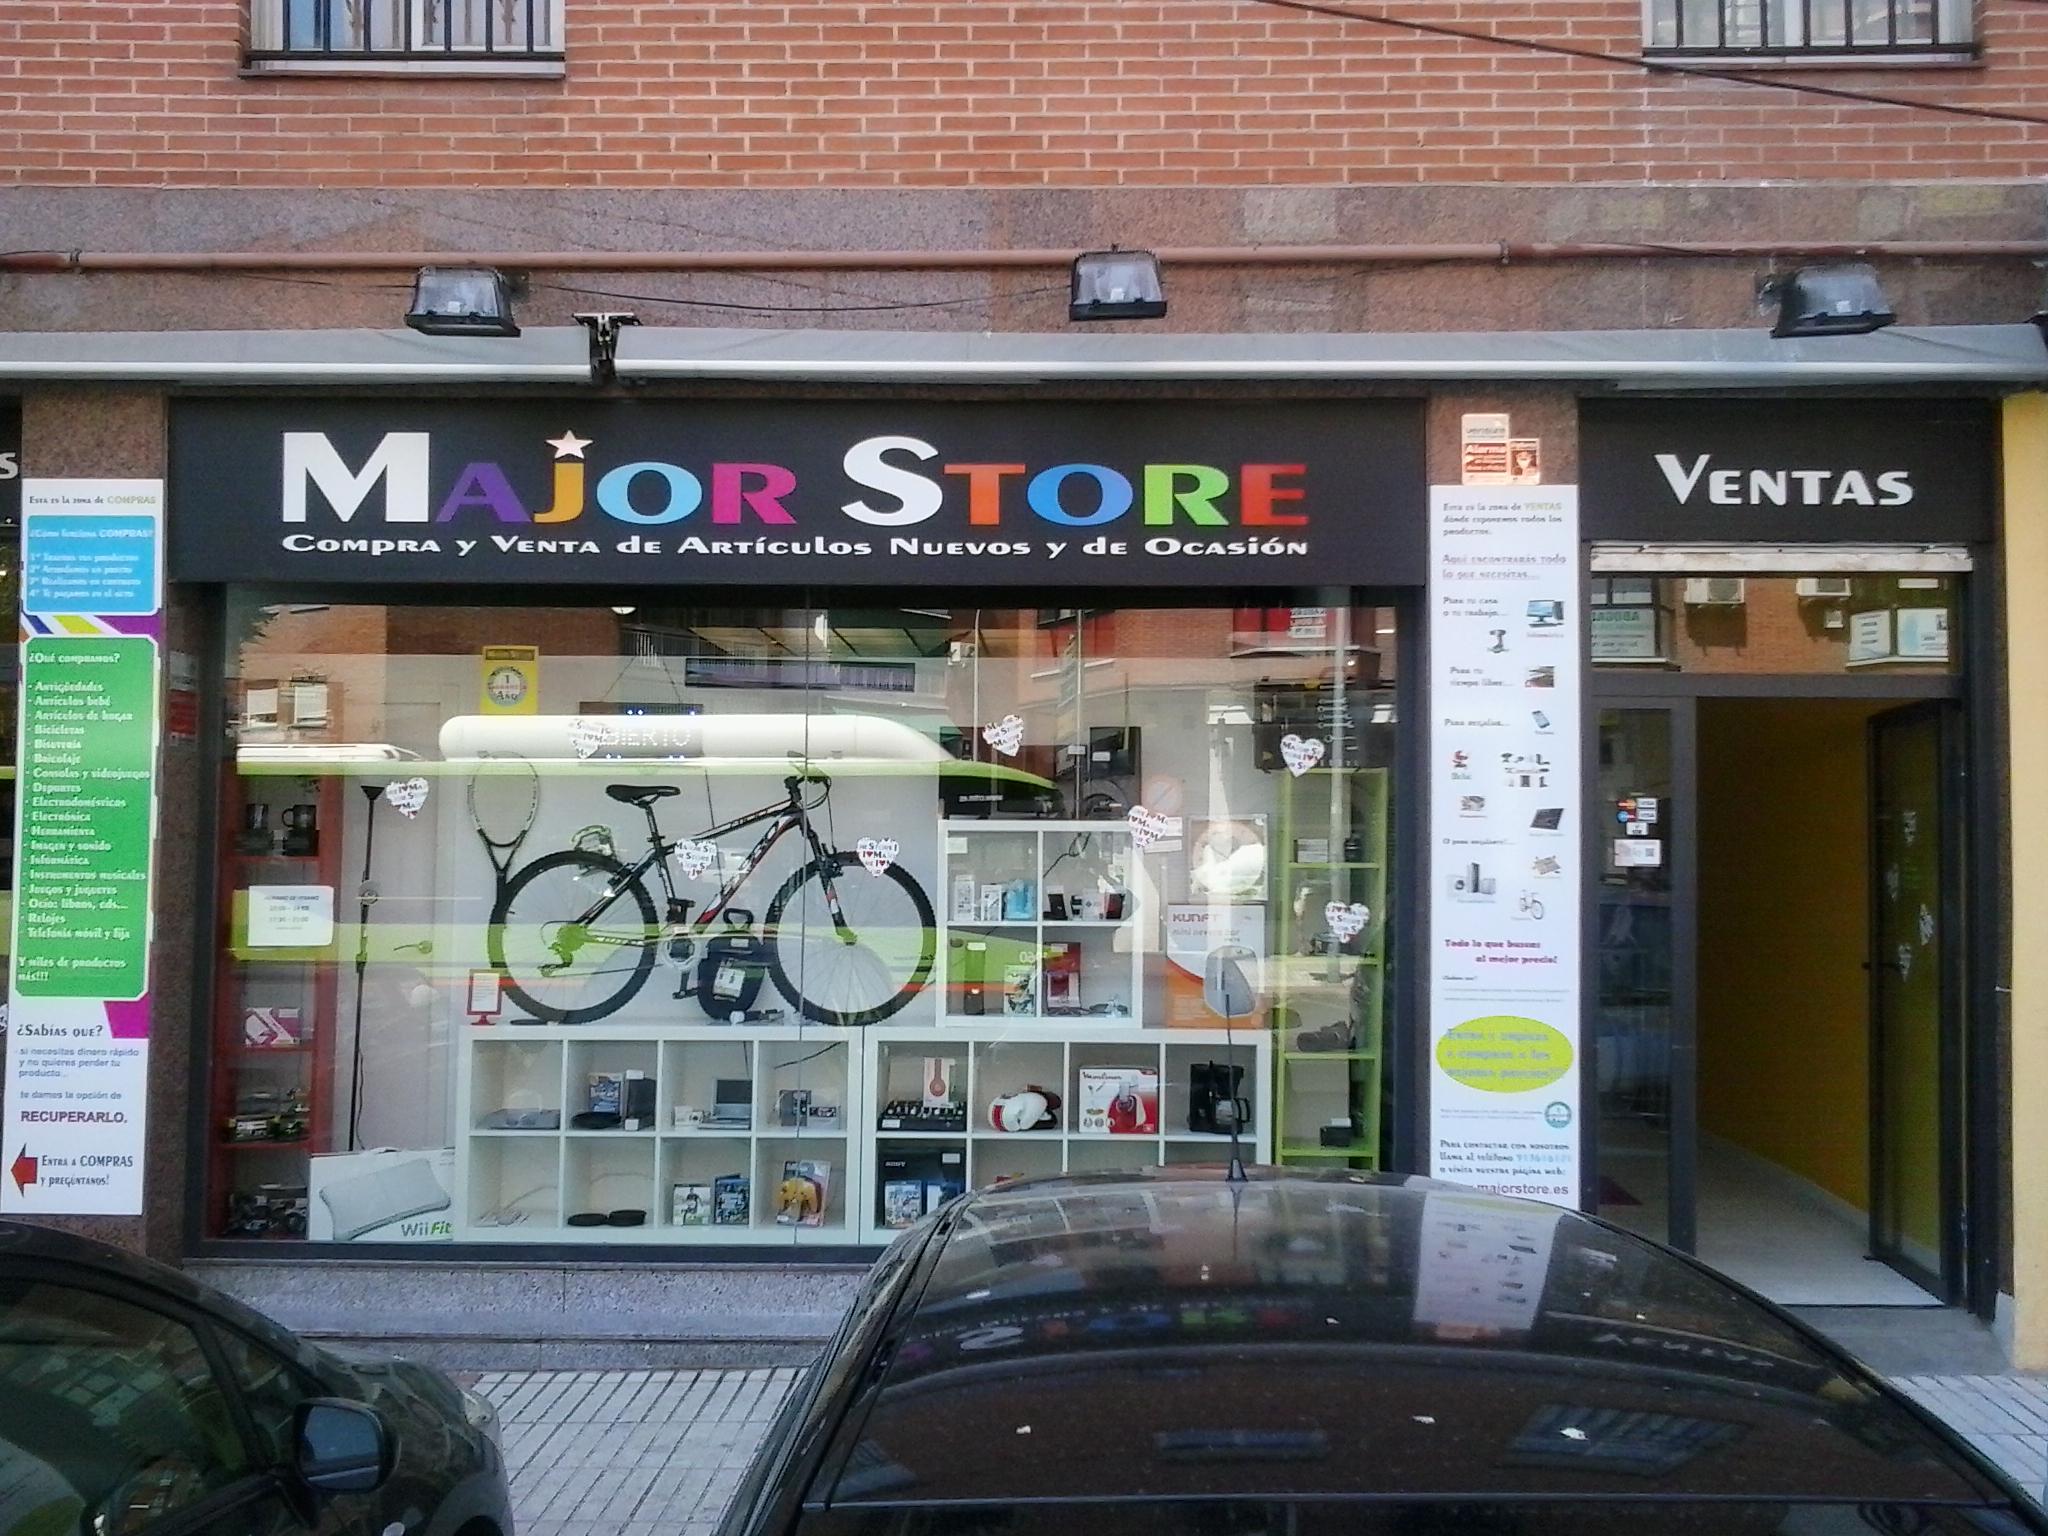 Major Store Fuenlabrada Segunda Mano Electrodomésticos